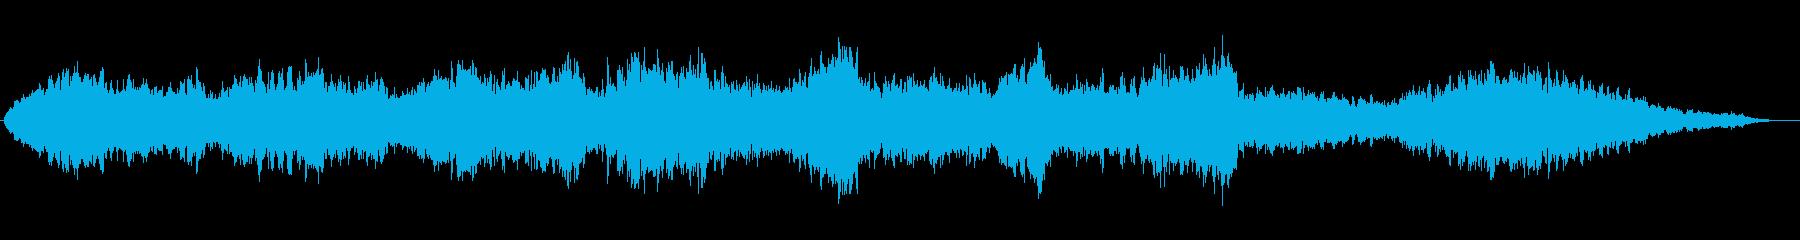 神聖で神秘的な聖歌隊風合唱コーラスの再生済みの波形